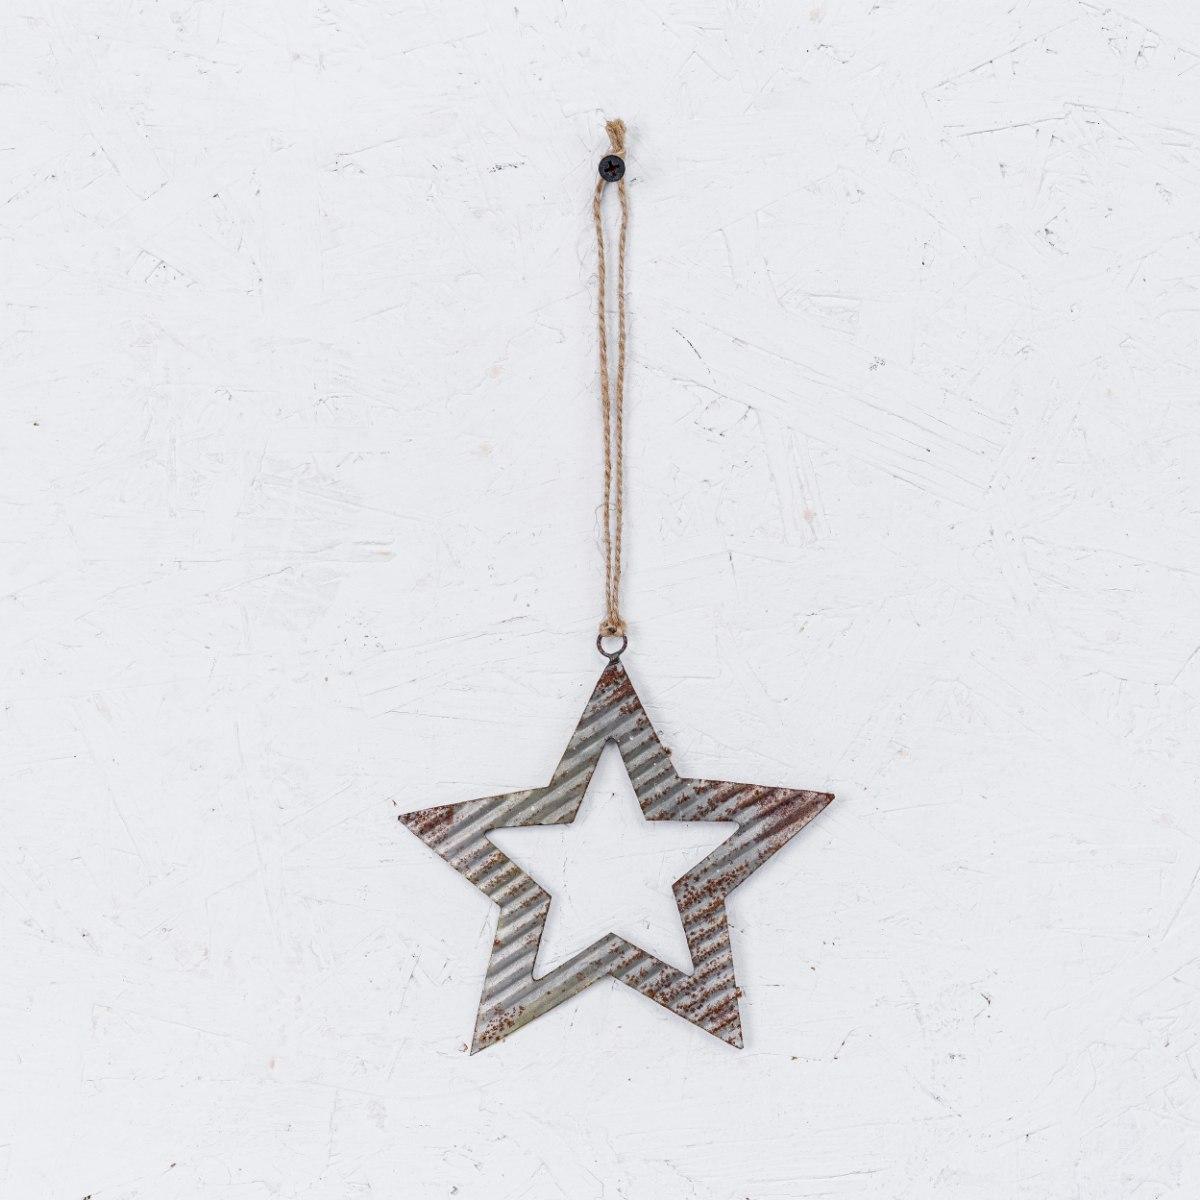 כוכב פח גלי - כסוף ראסטי